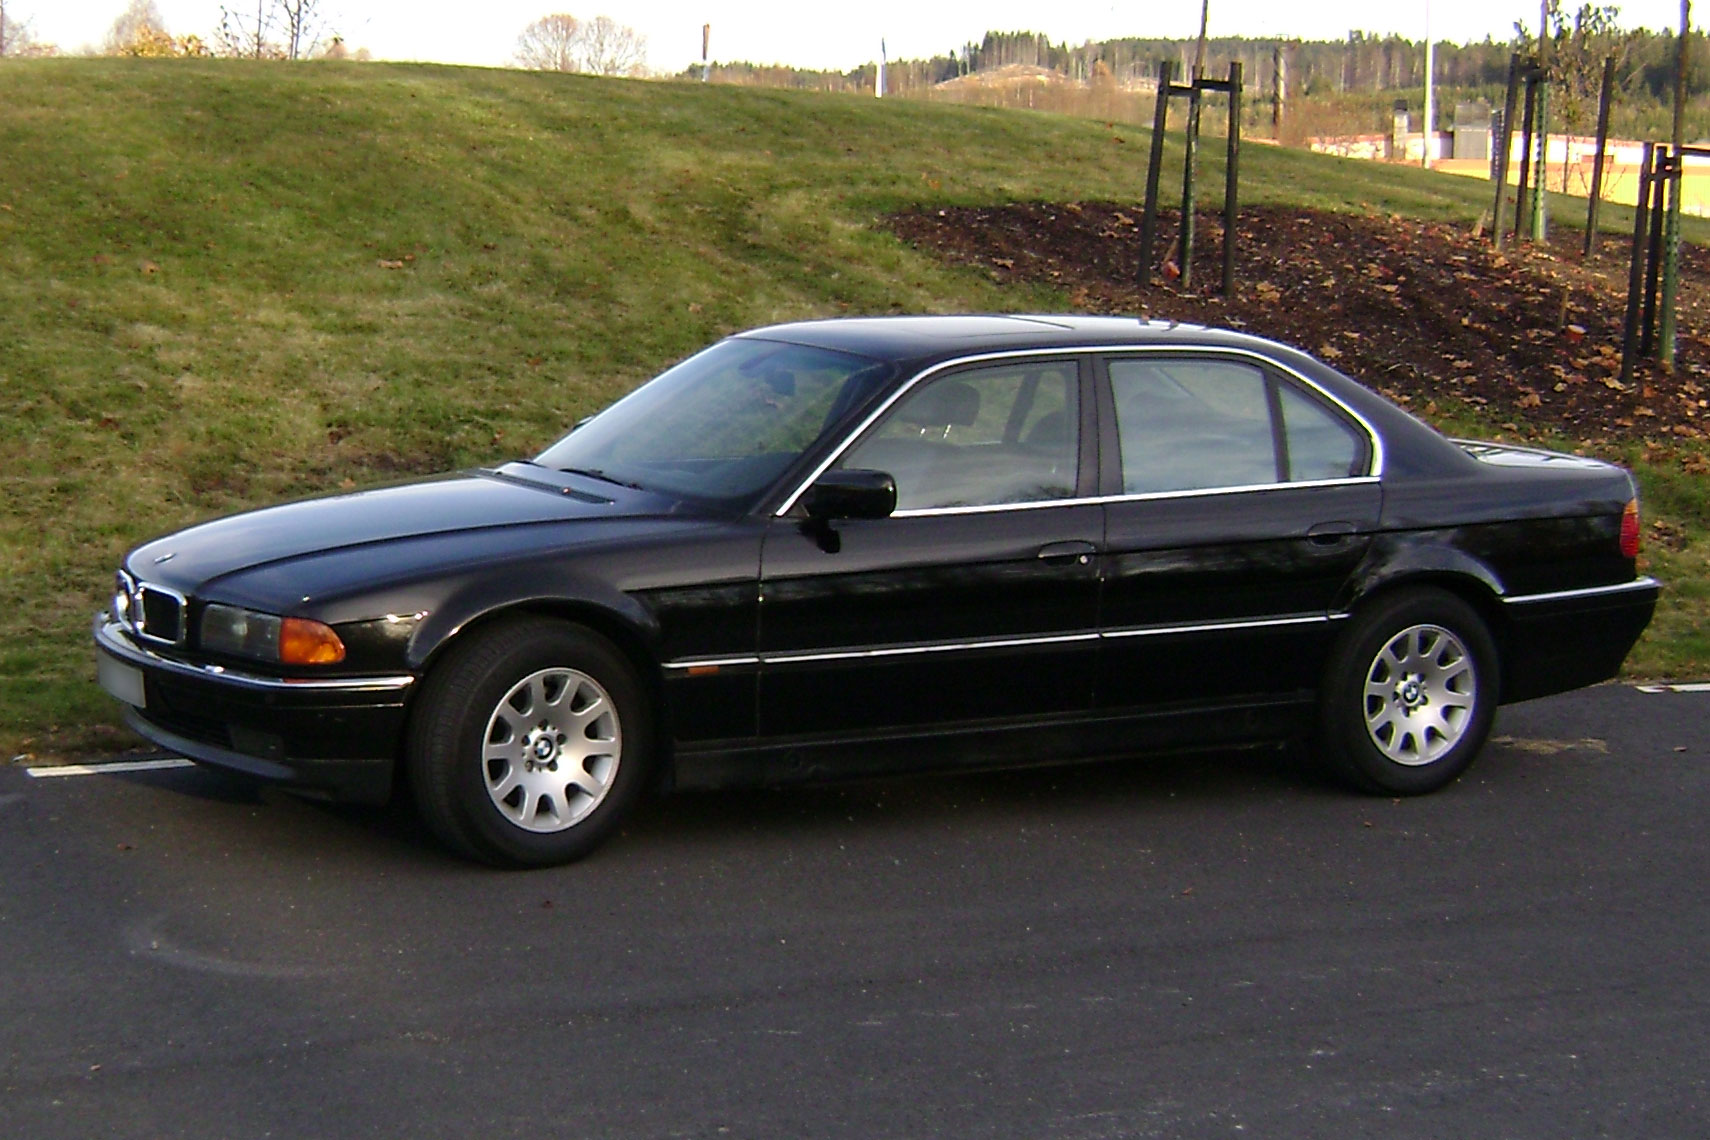 BMW 735iL (238hp) (E38)